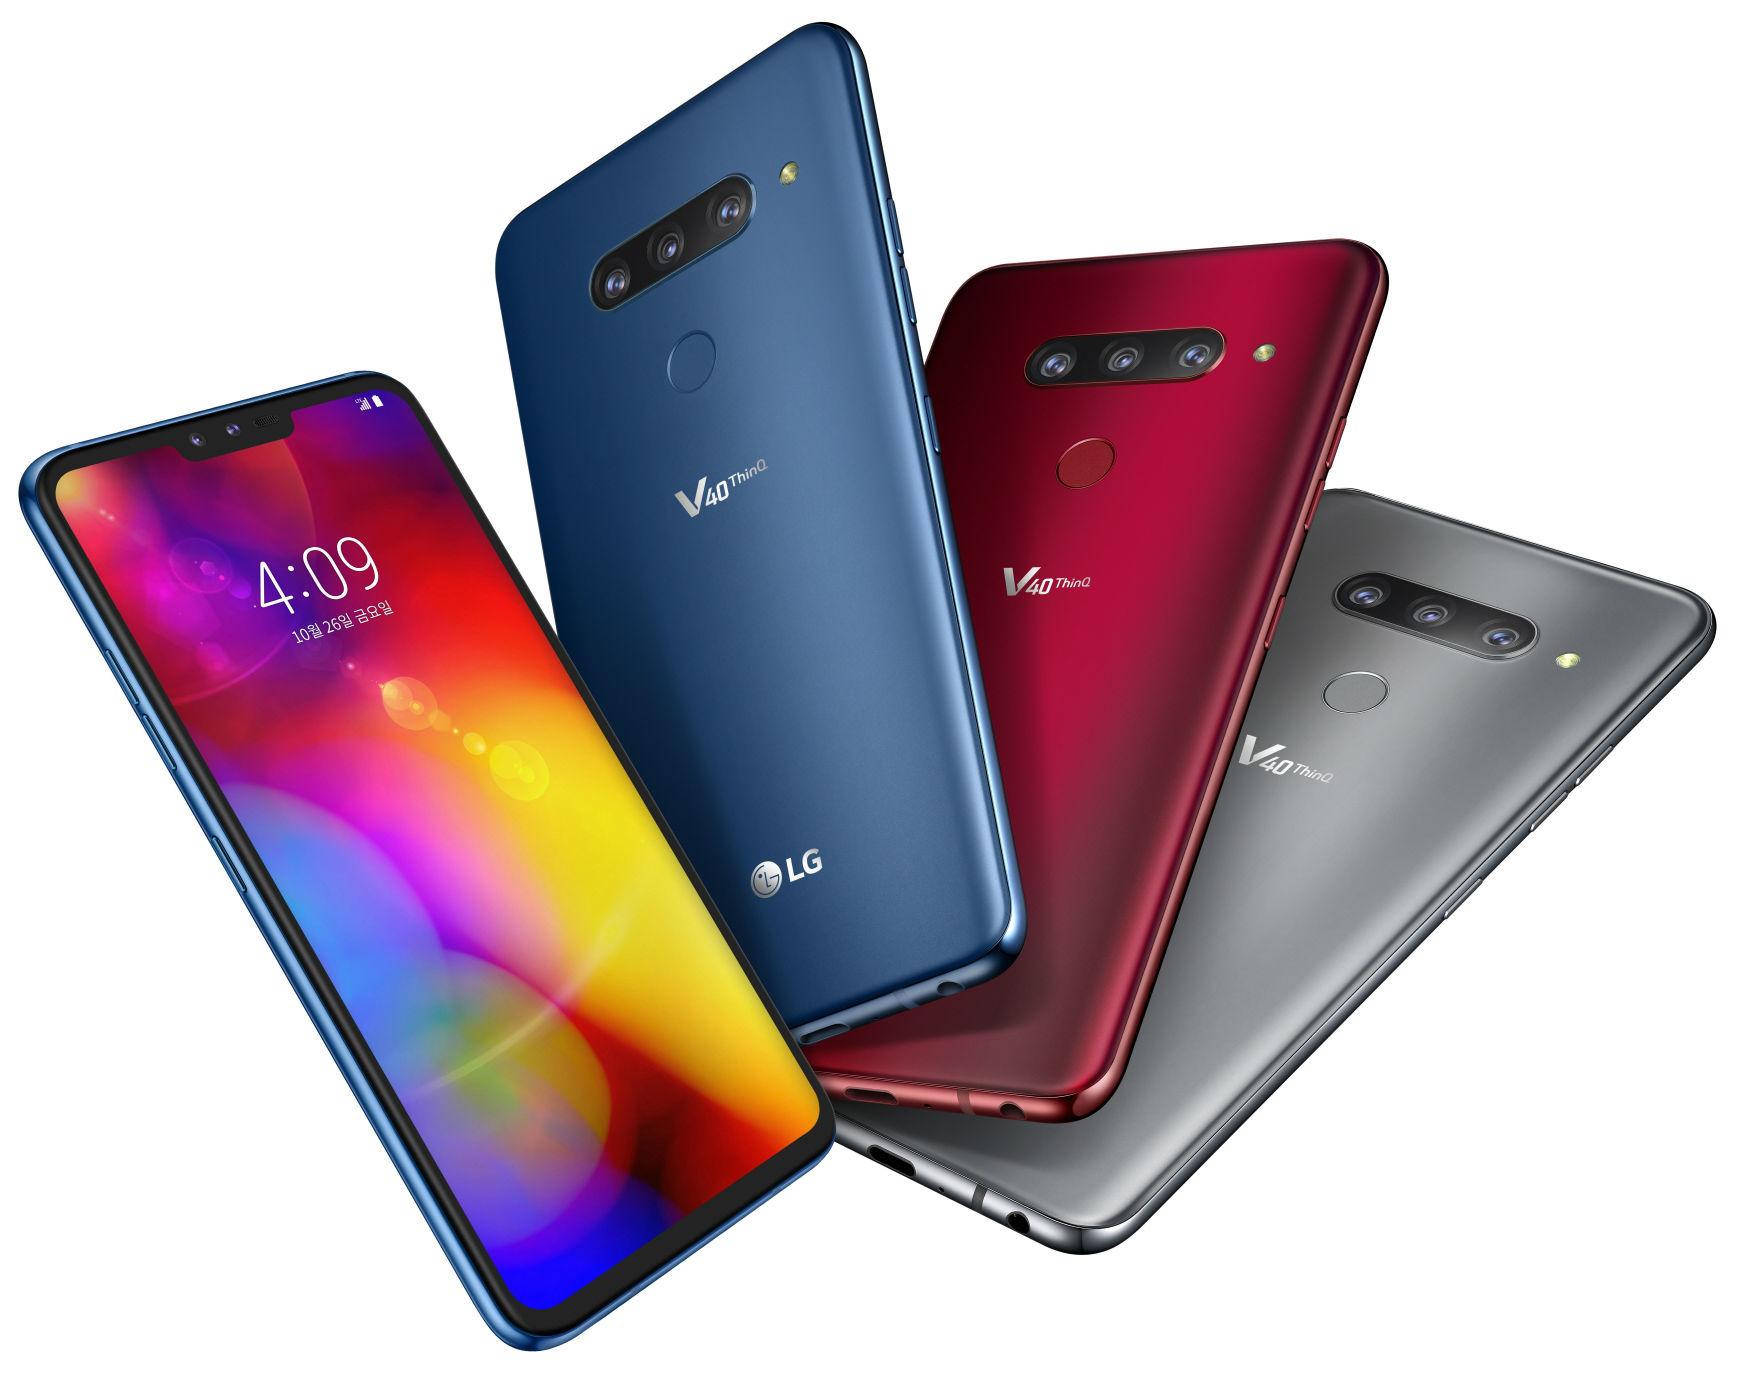 LG заявила о намерении вернуть свои позиции на рынке смартфонов